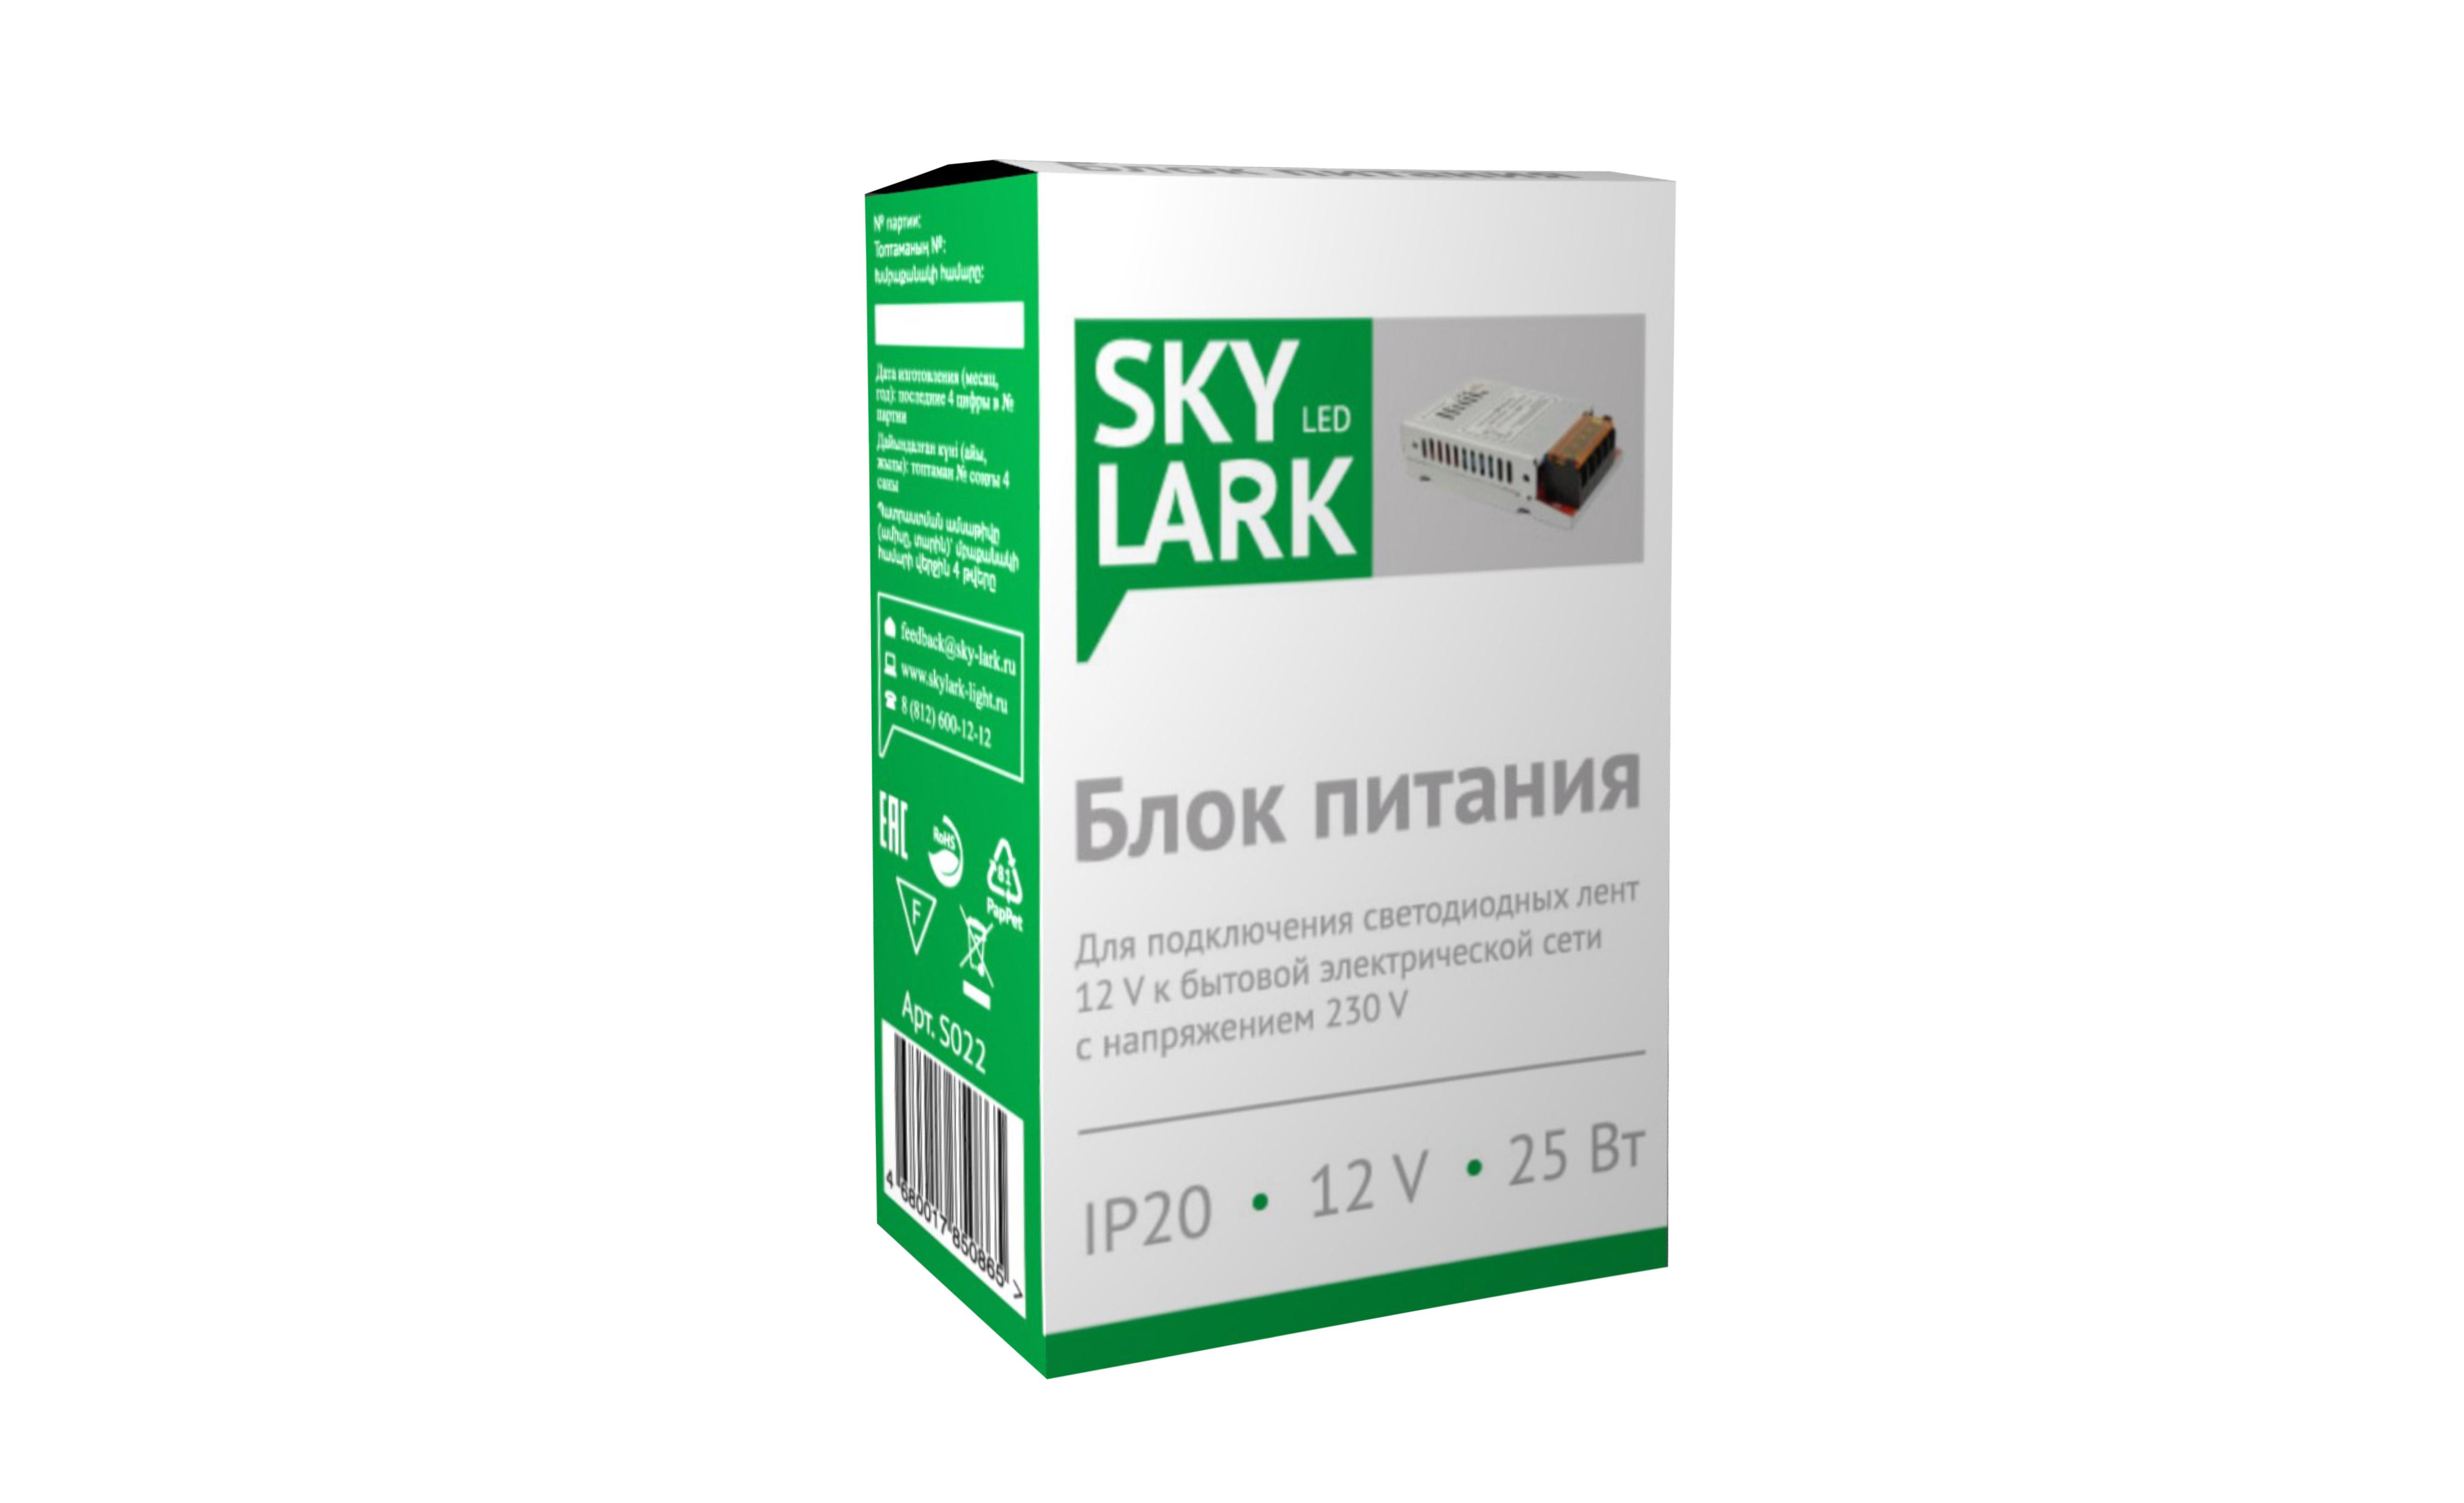 Блок питания Skylark S022 блок питания для примочек 96dc 200bi